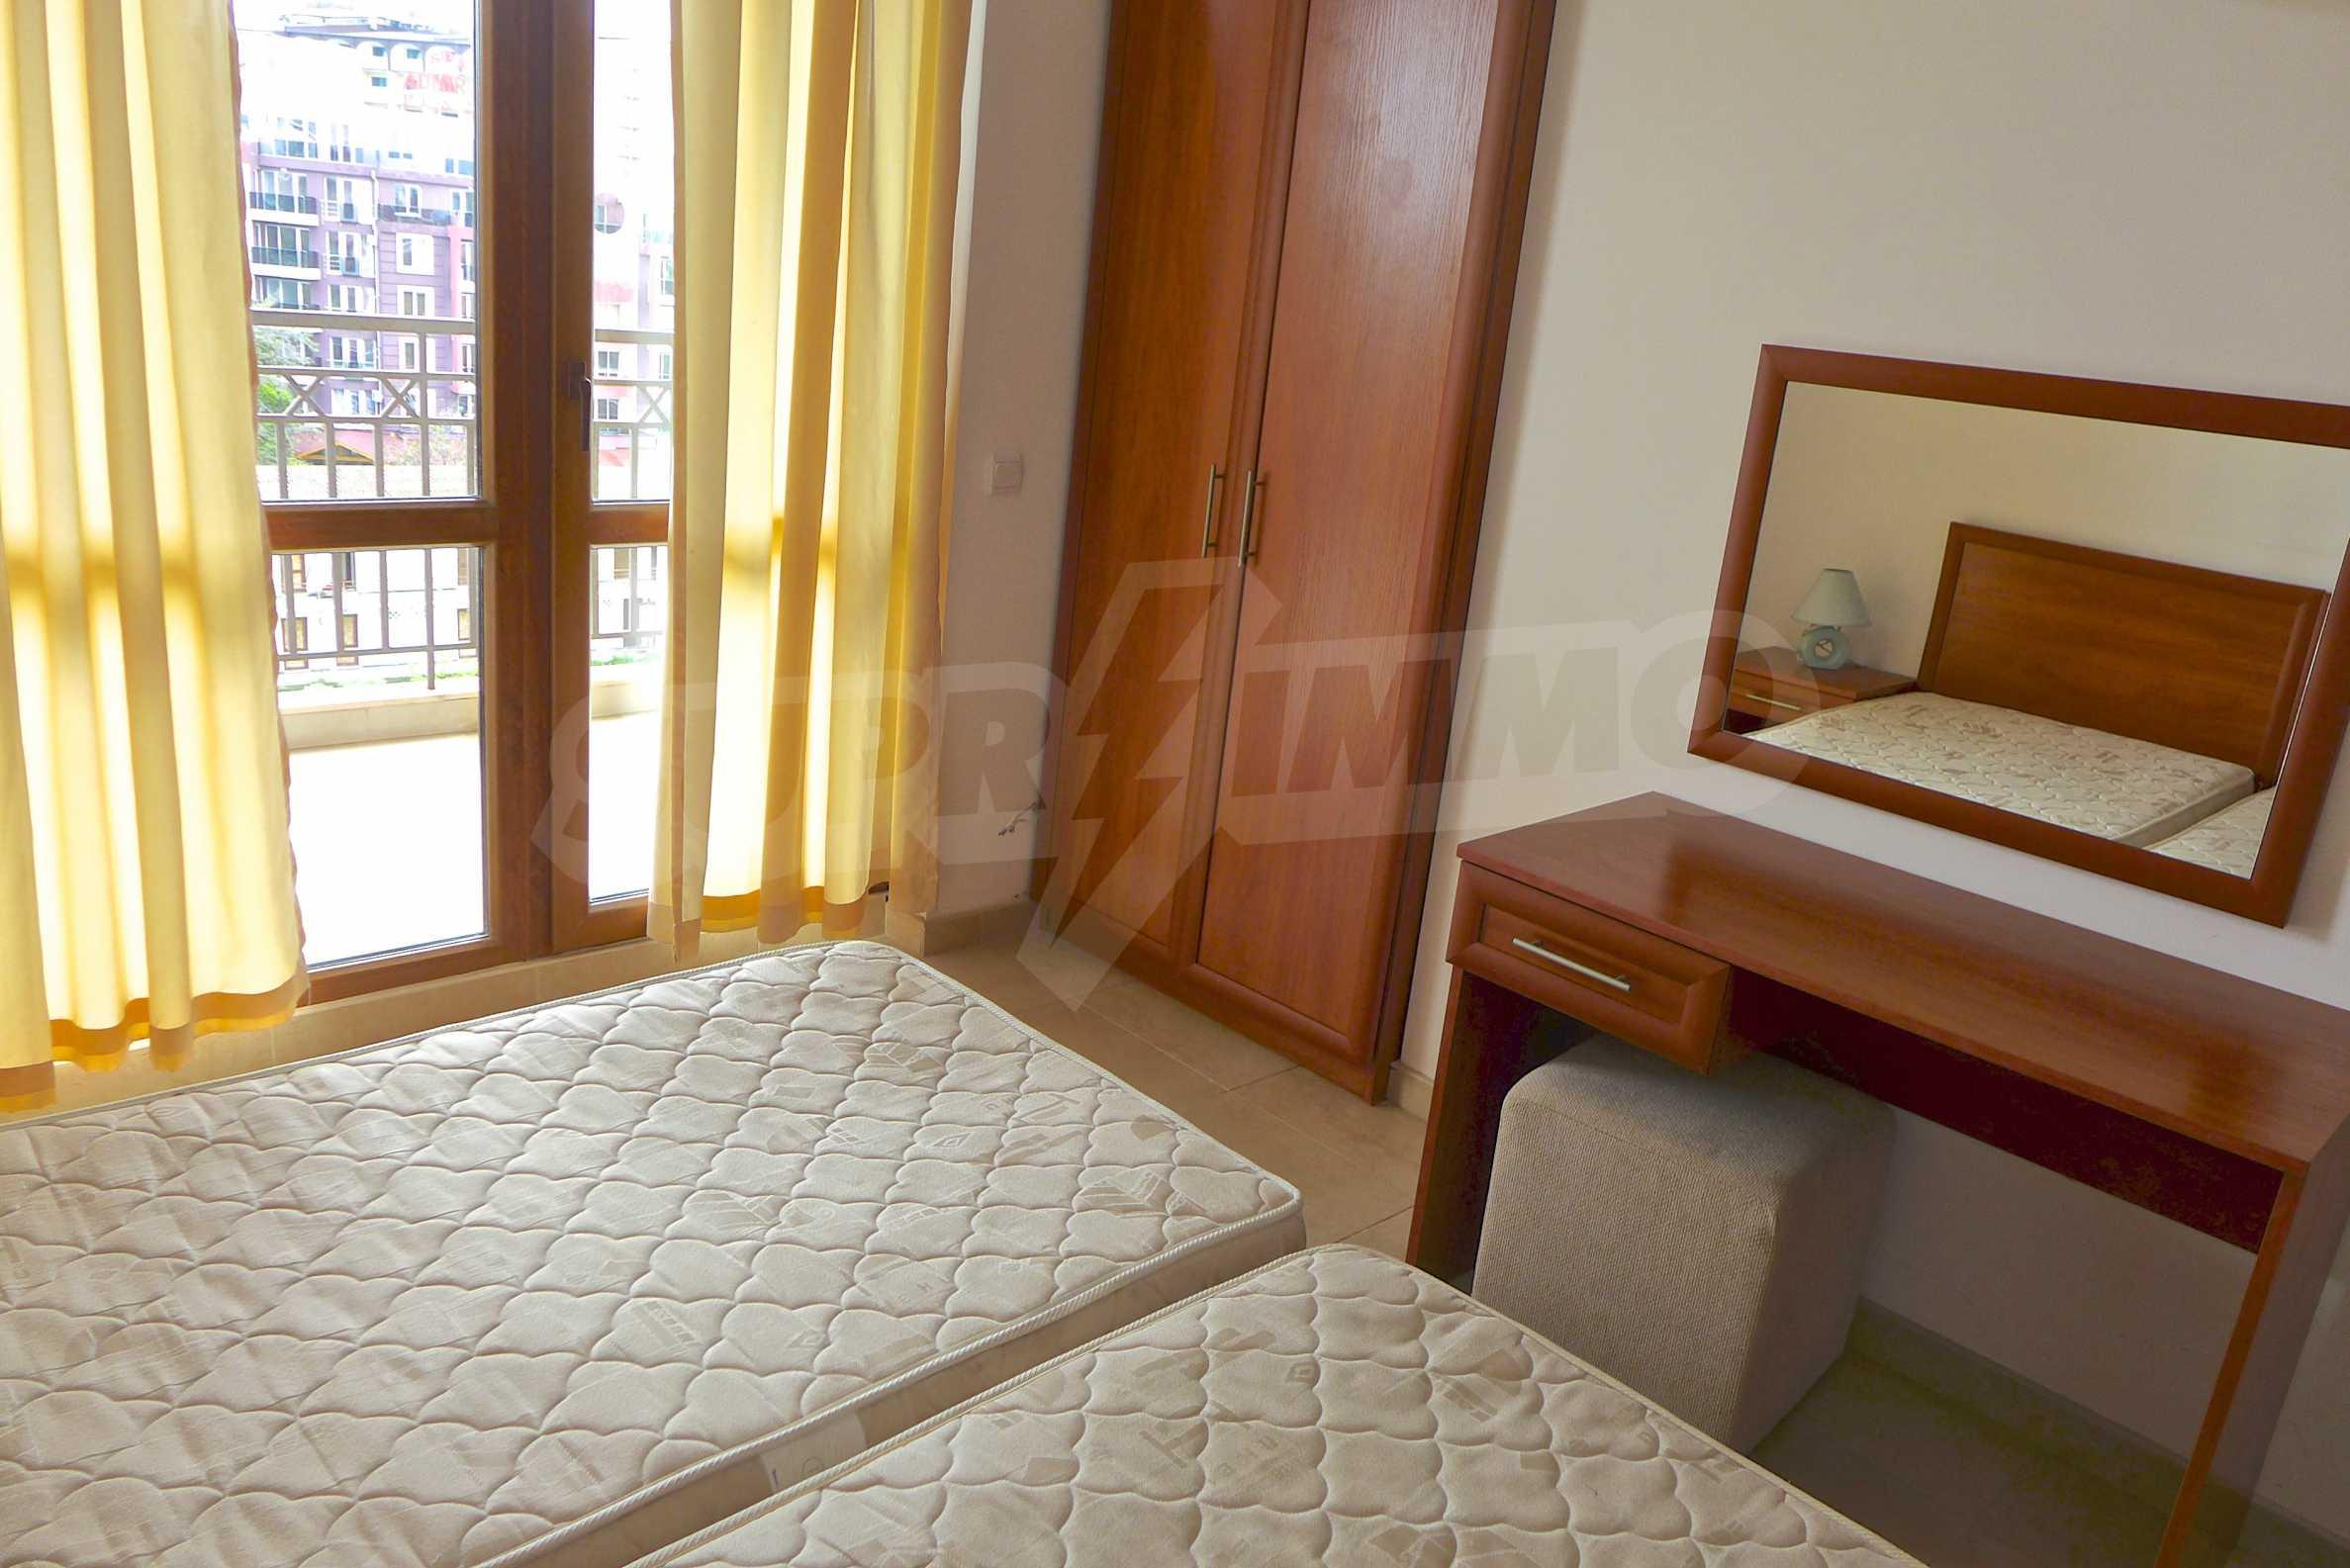 Geräumige Wohnung mit zwei Schlafzimmern in Ashton Hall 8